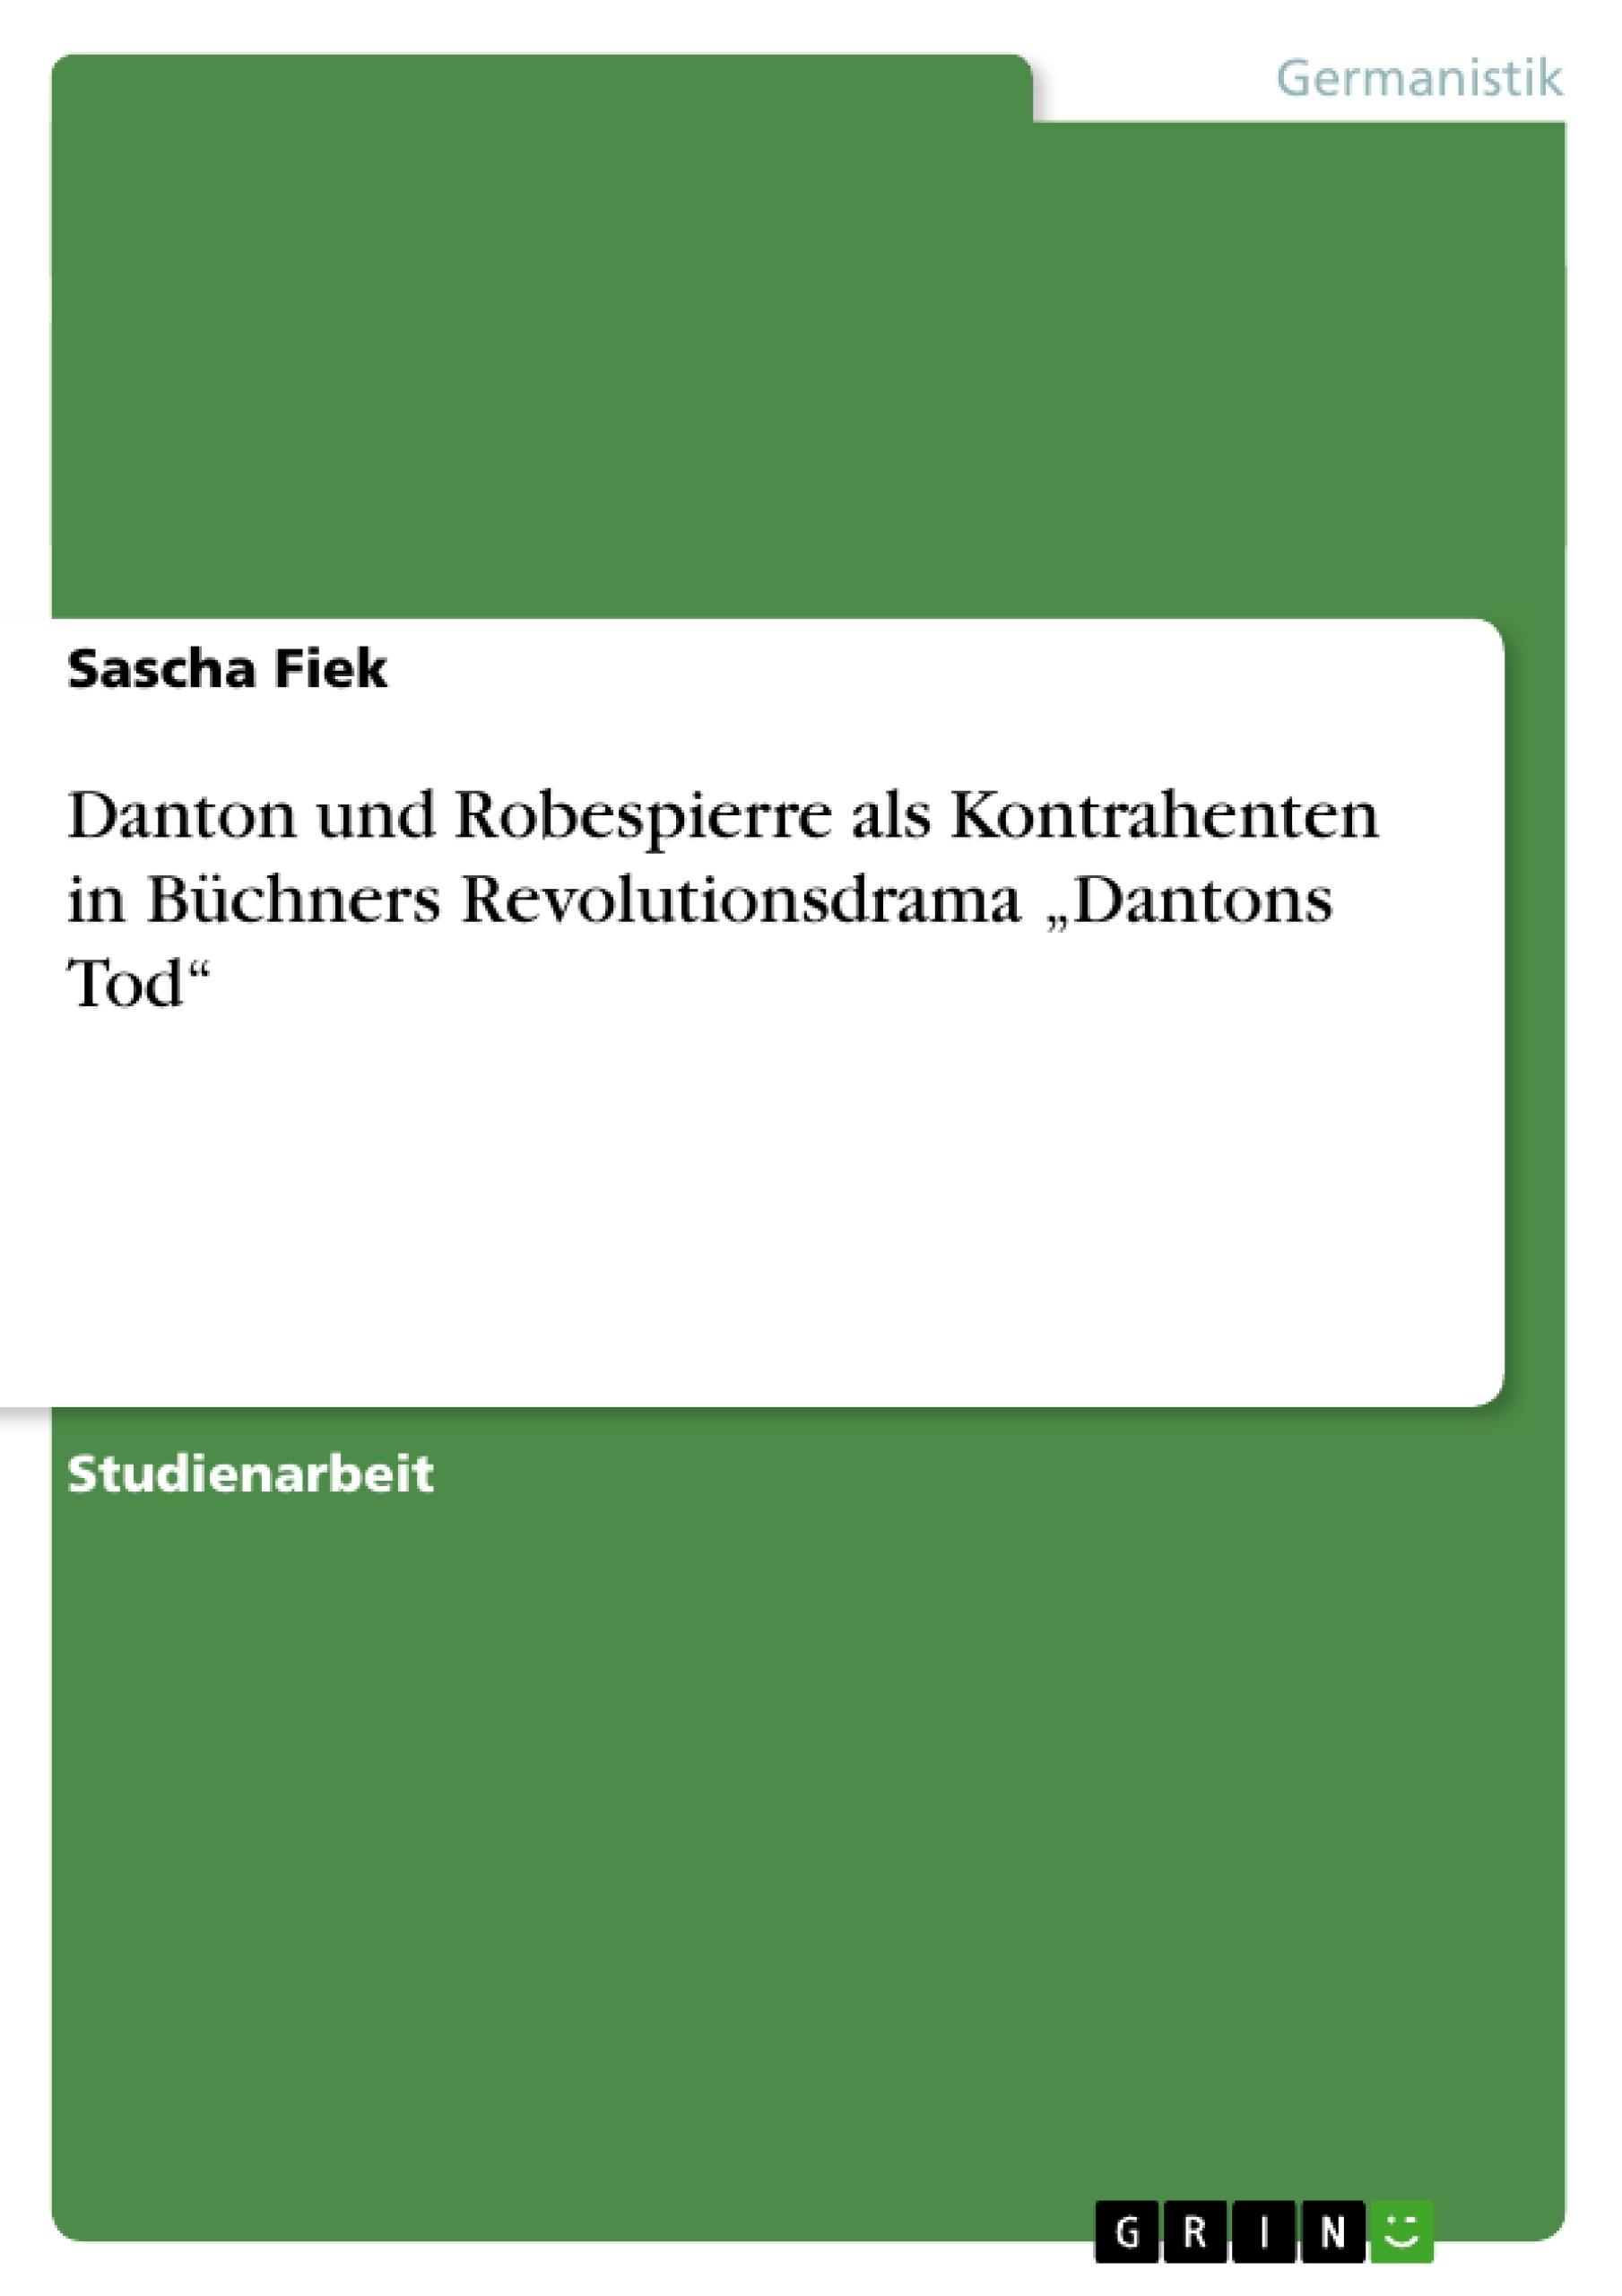 """Titel: Danton und Robespierre als Kontrahenten in Büchners Revolutionsdrama """"Dantons Tod"""""""